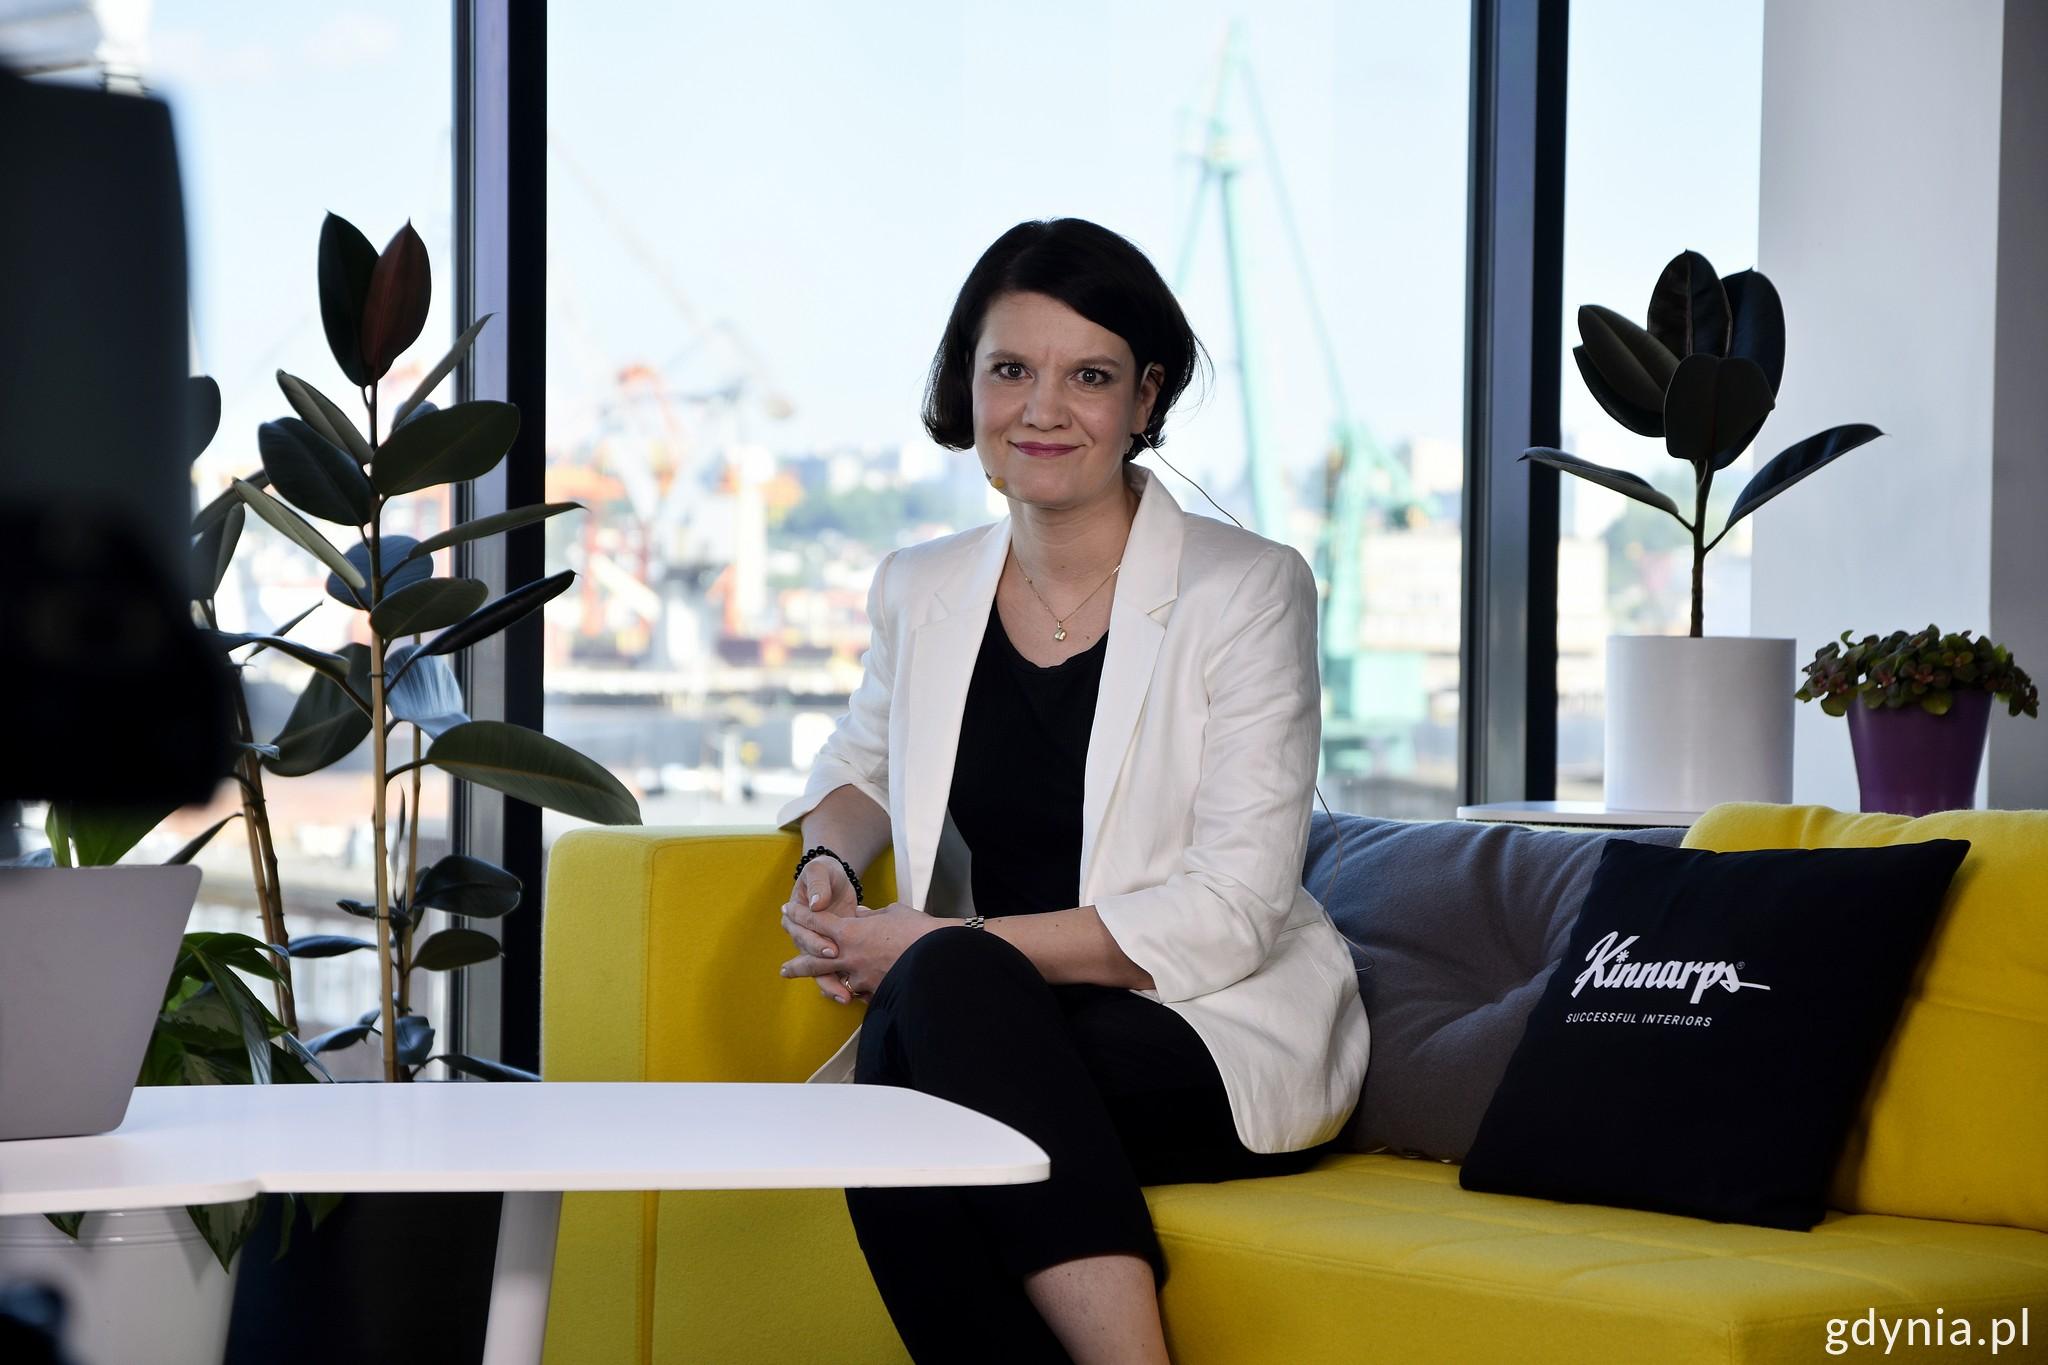 Gościem panelu otwierającego była wiceprezydent Gdyni - Katarzyna Gruszecka-Spychała // fot. Paweł Kukla